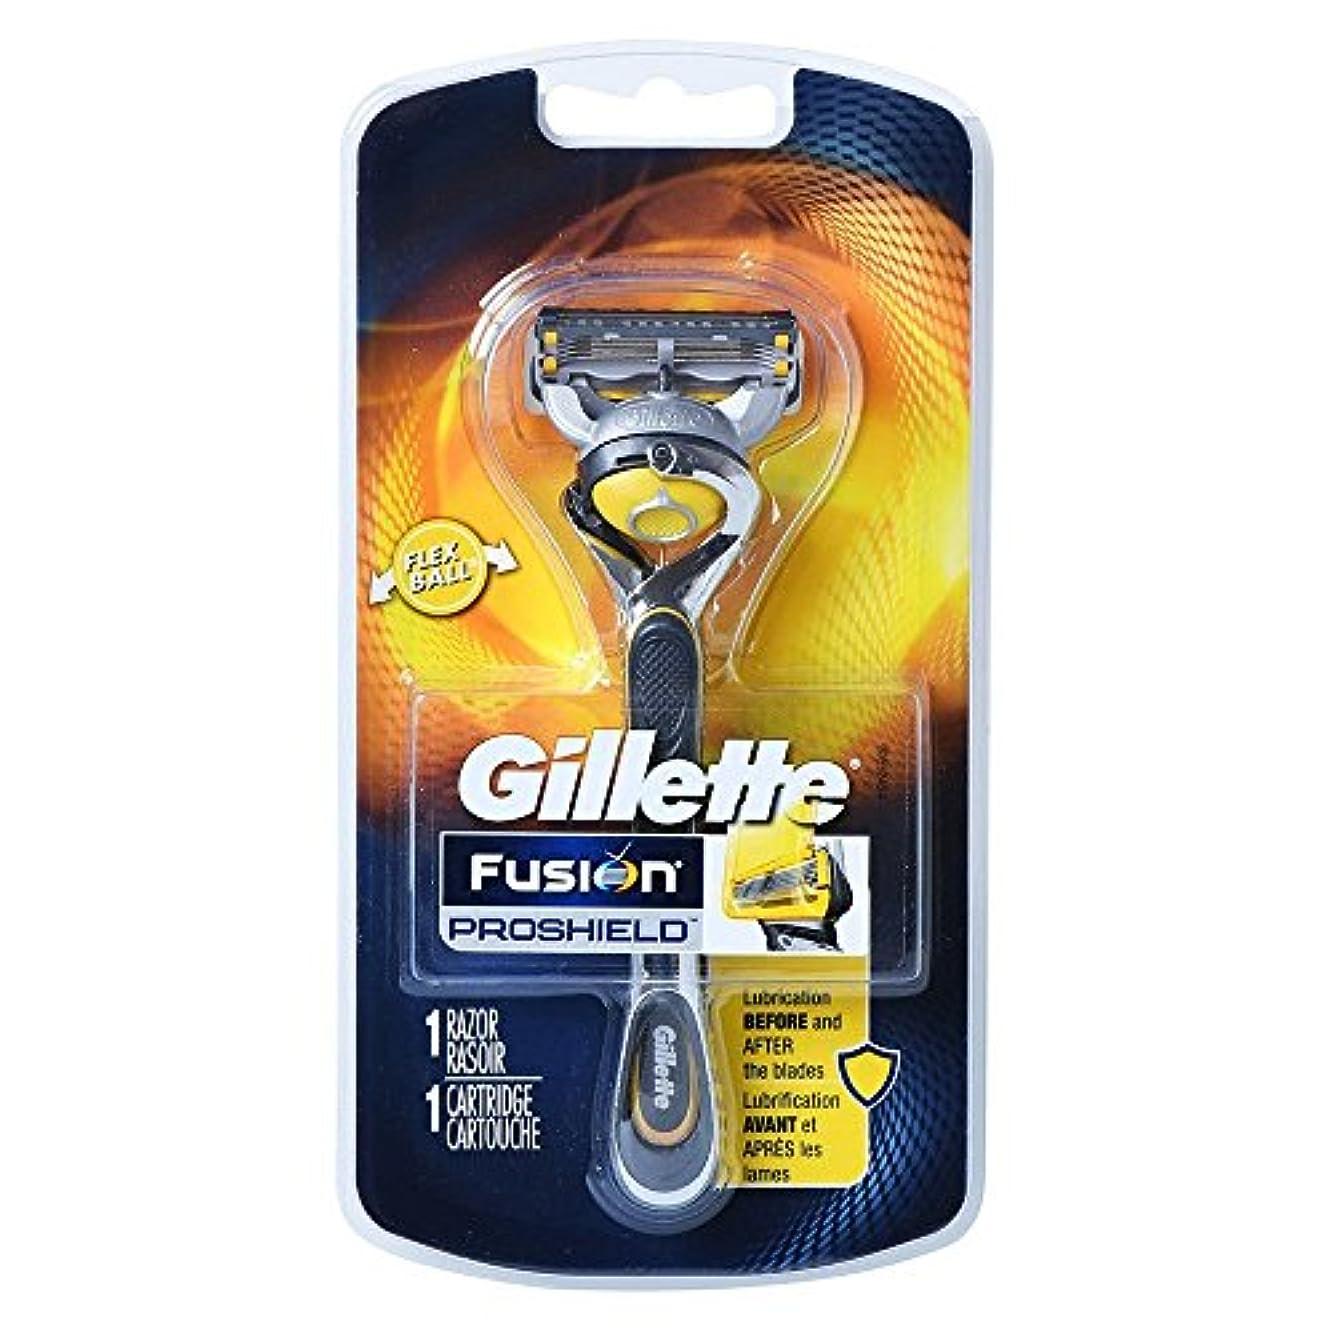 極端なクライマックス思いつくGillette Fusion Proshield Yellow フレックスボール剃刀でメンズカミソリ Refrills 1 [並行輸入品]